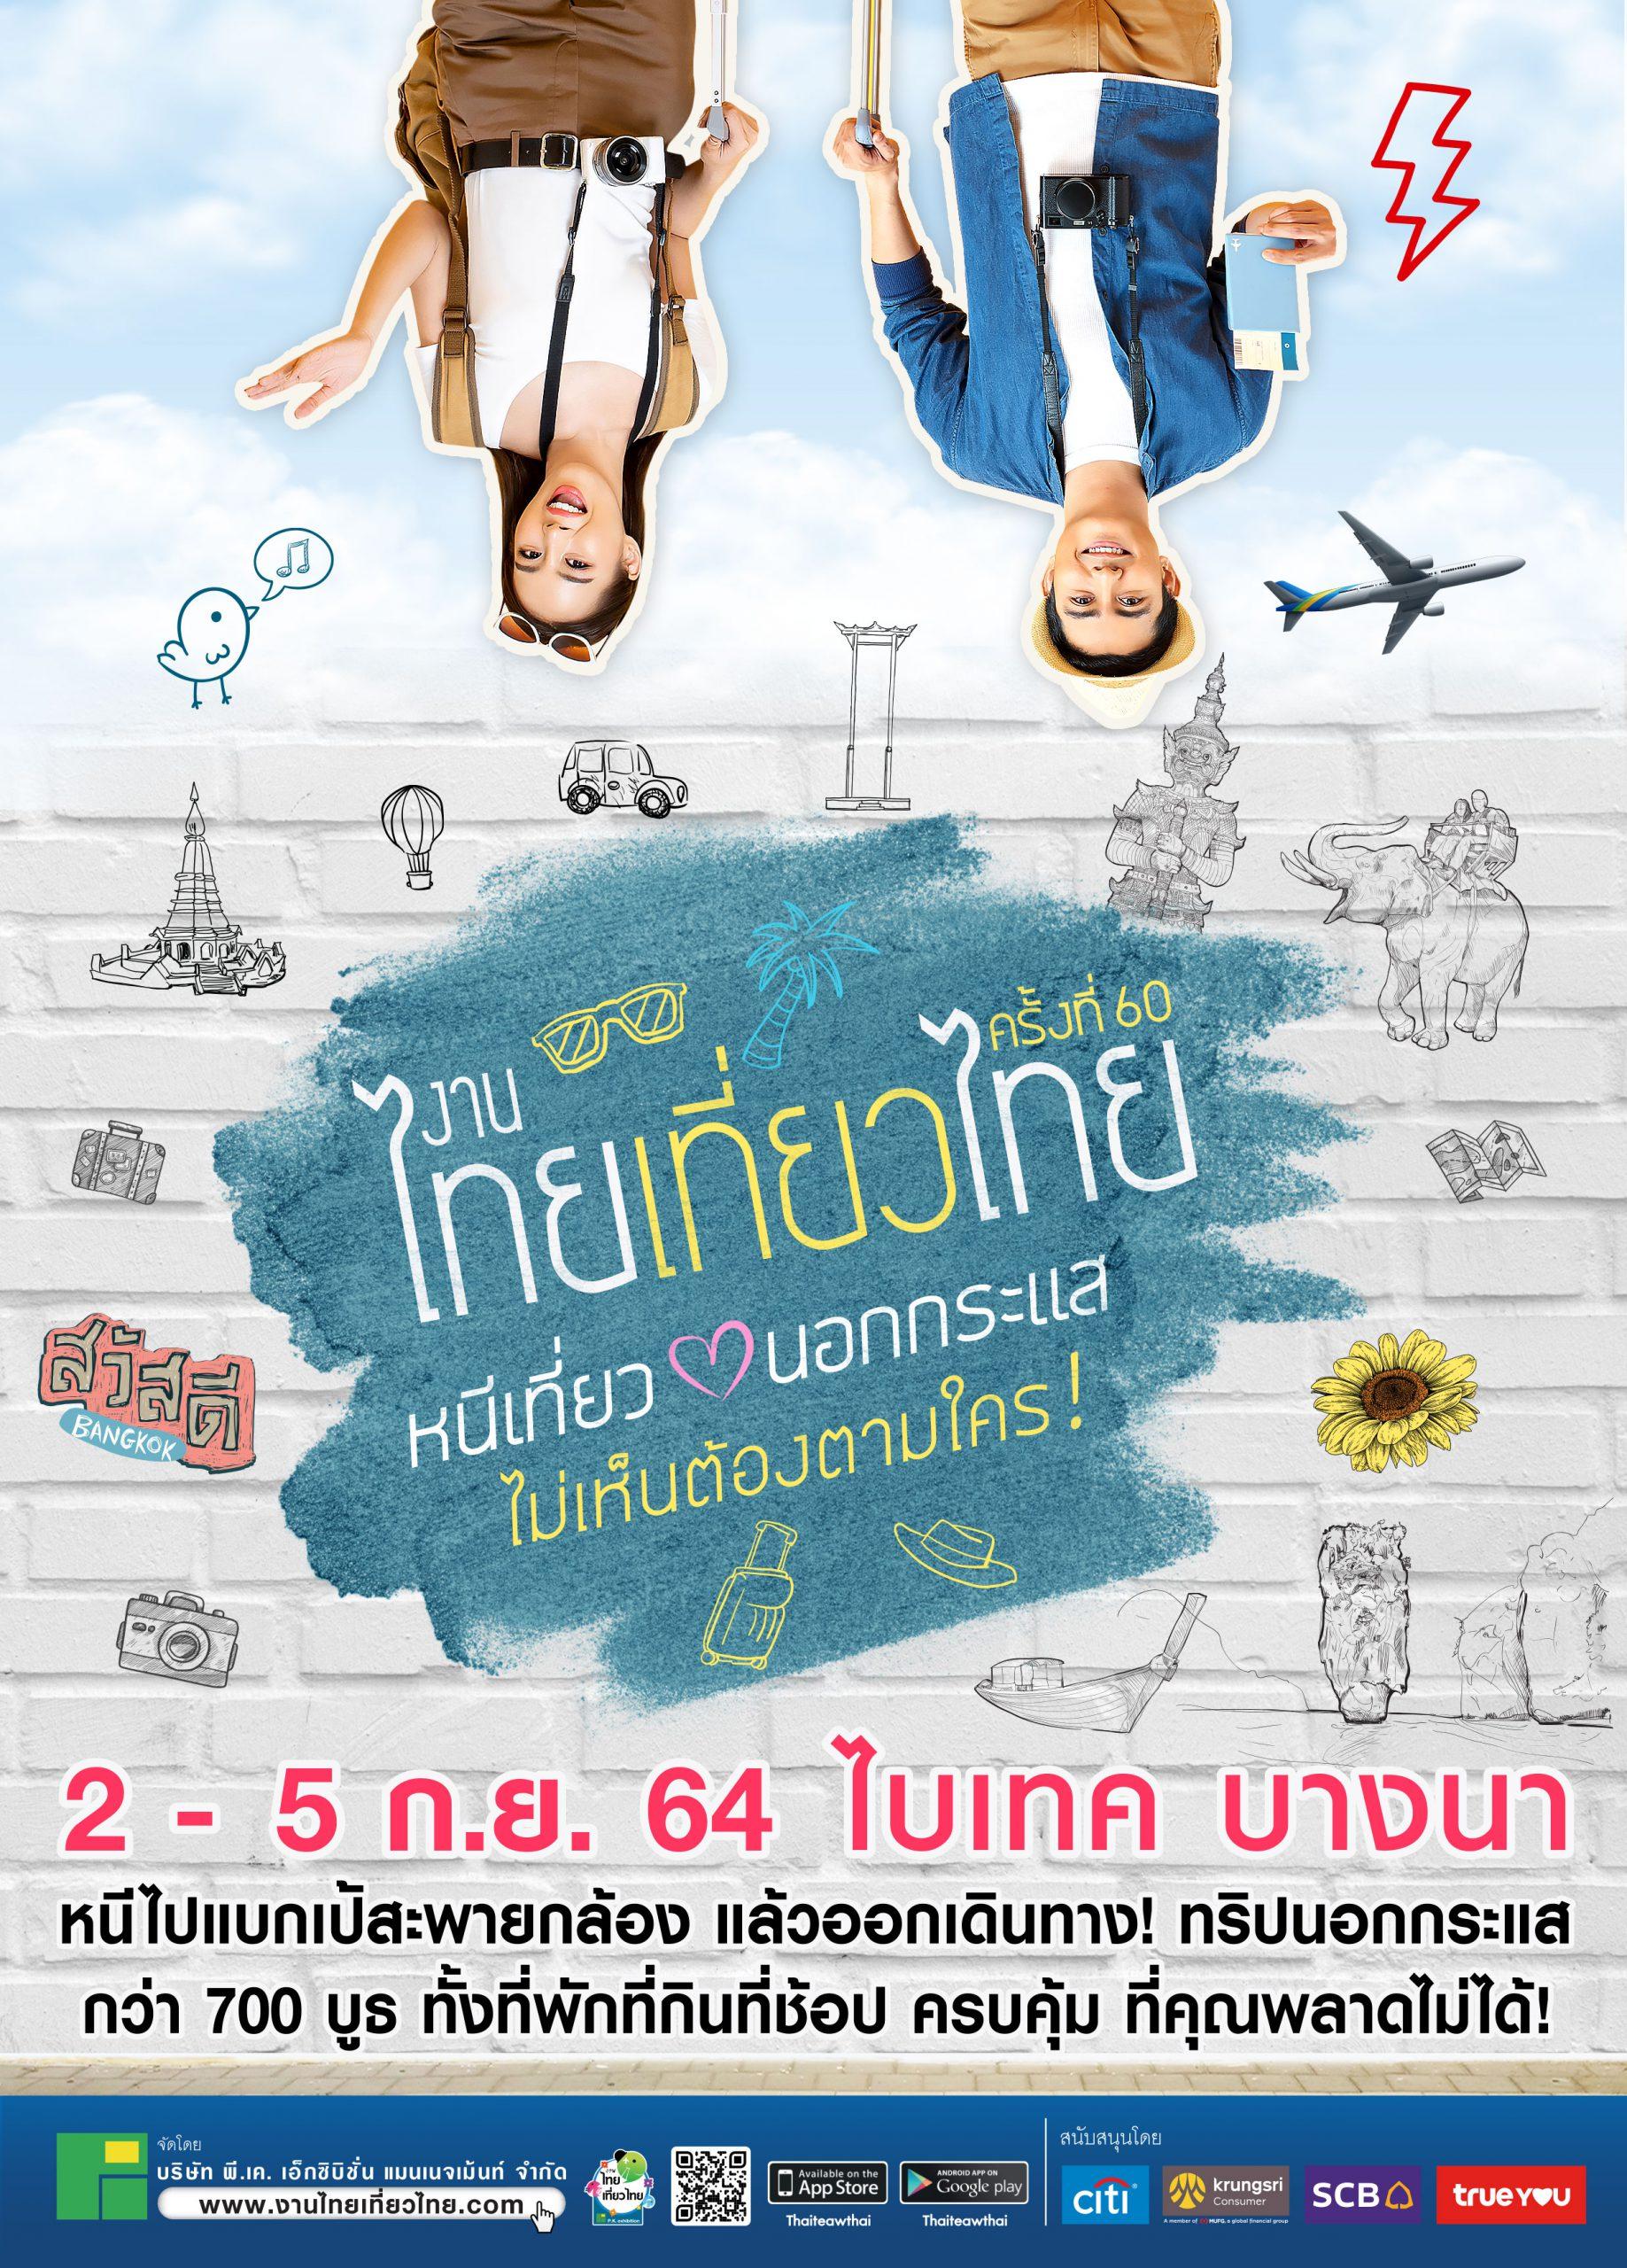 งานไทยเที่ยวไทย ครั้งที่ 60